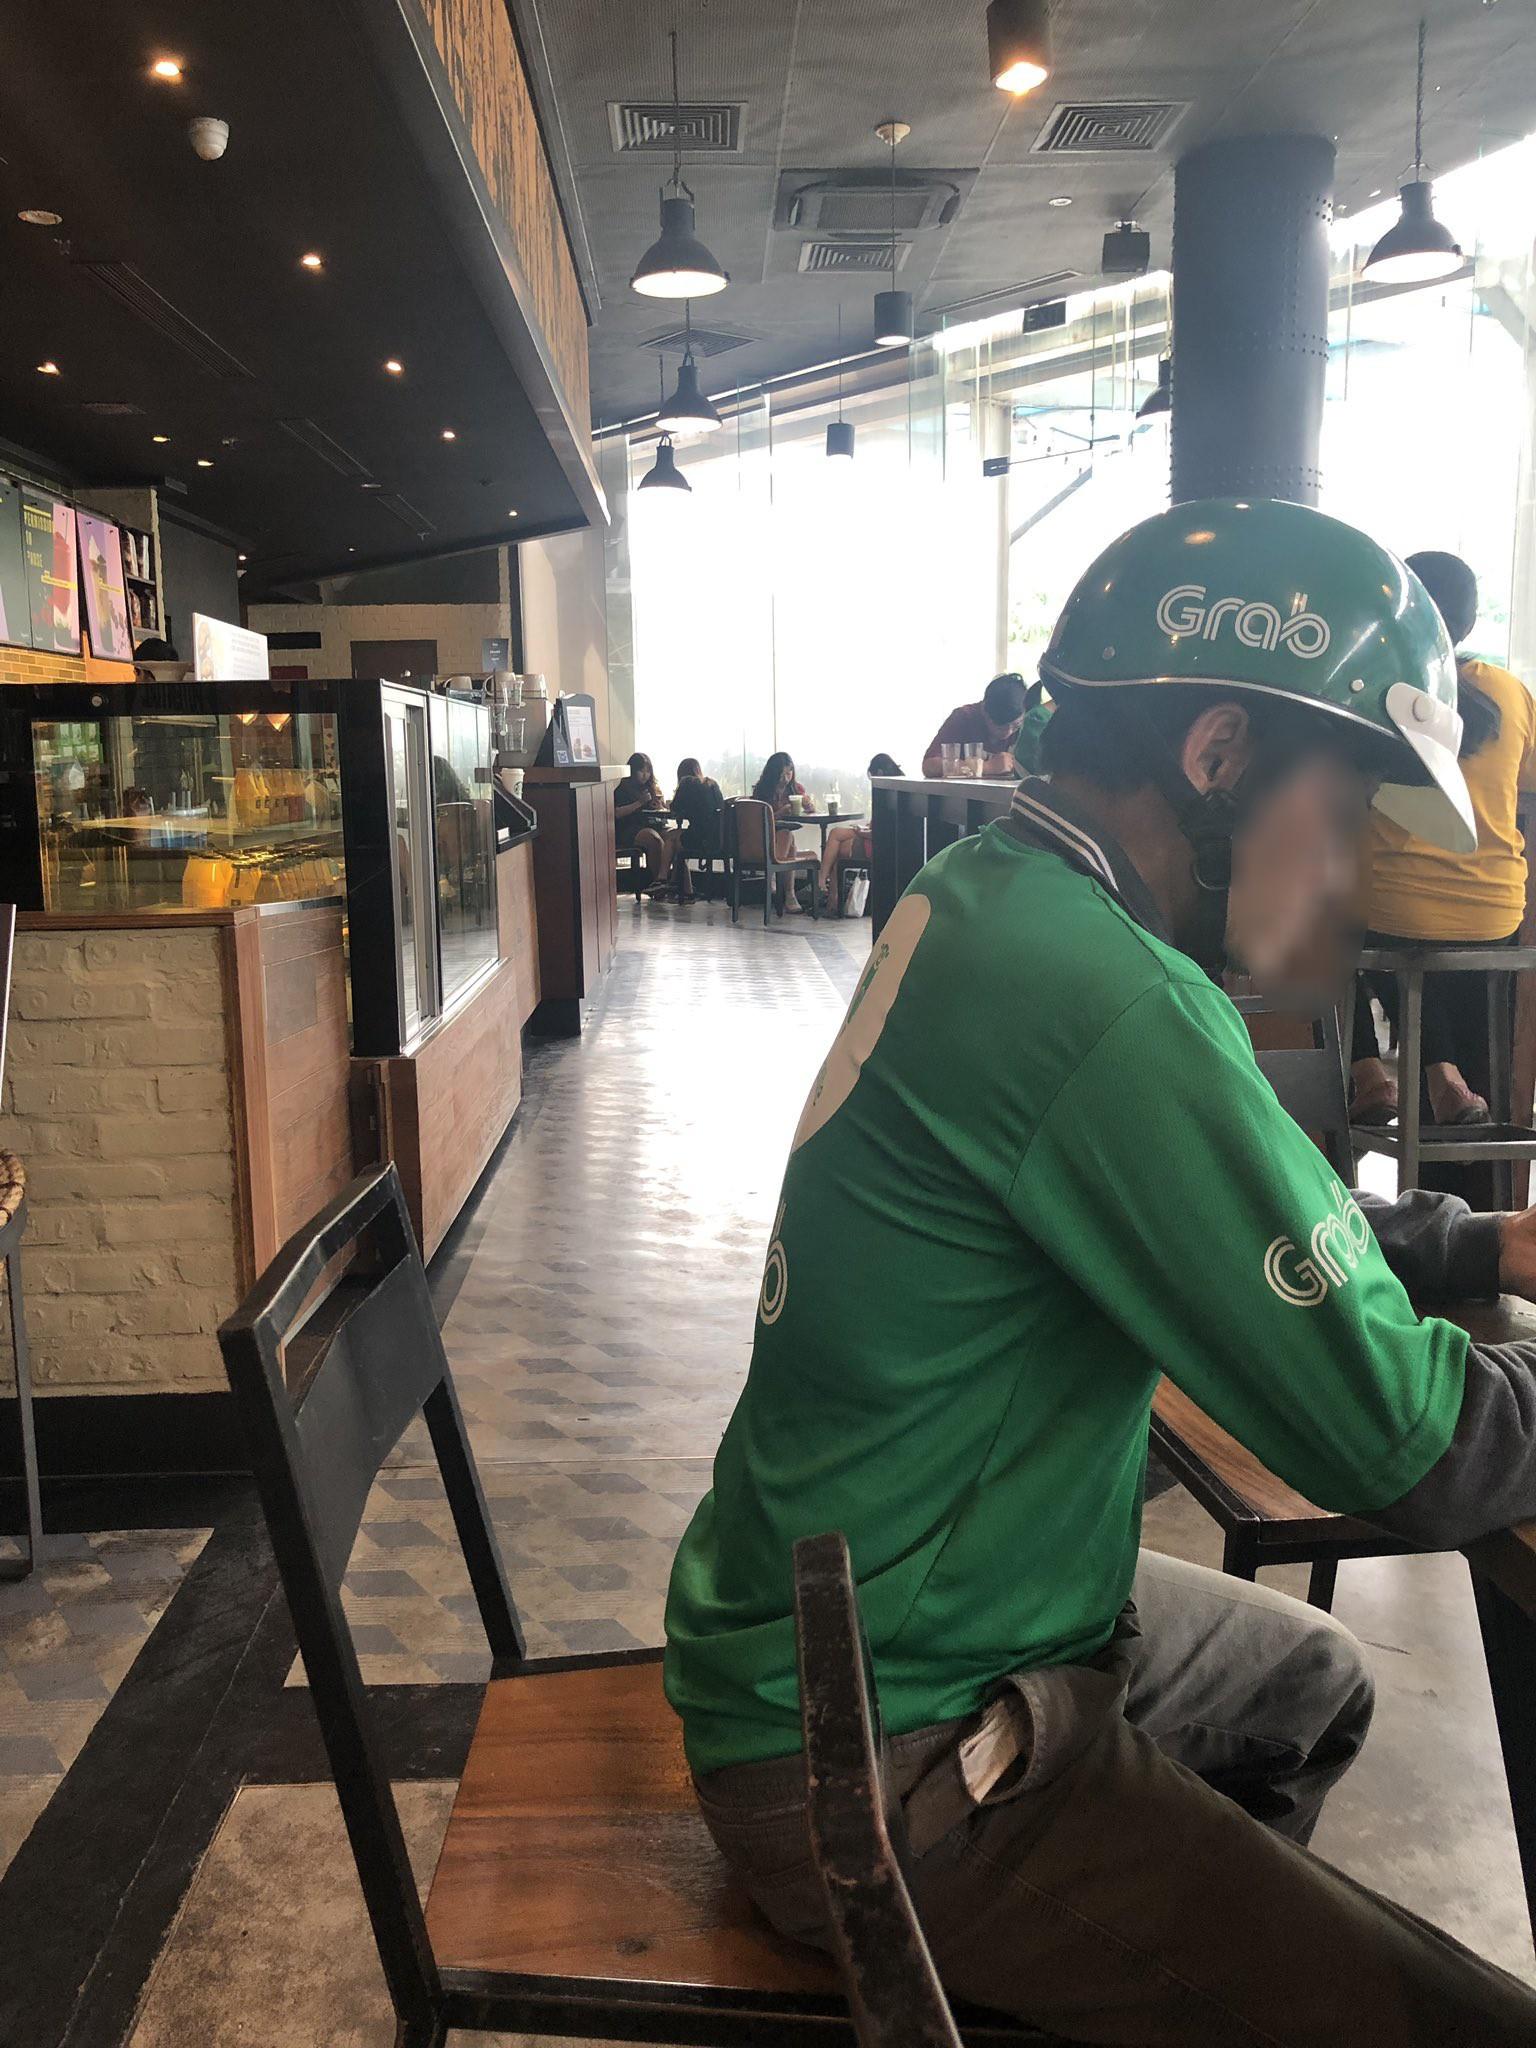 CEO Nhật gây tranh cãi khi đăng đàn chê shipper Việt trông bẩn bẩn, làm mất không khí sang trọng ở Starbucks - Ảnh 3.